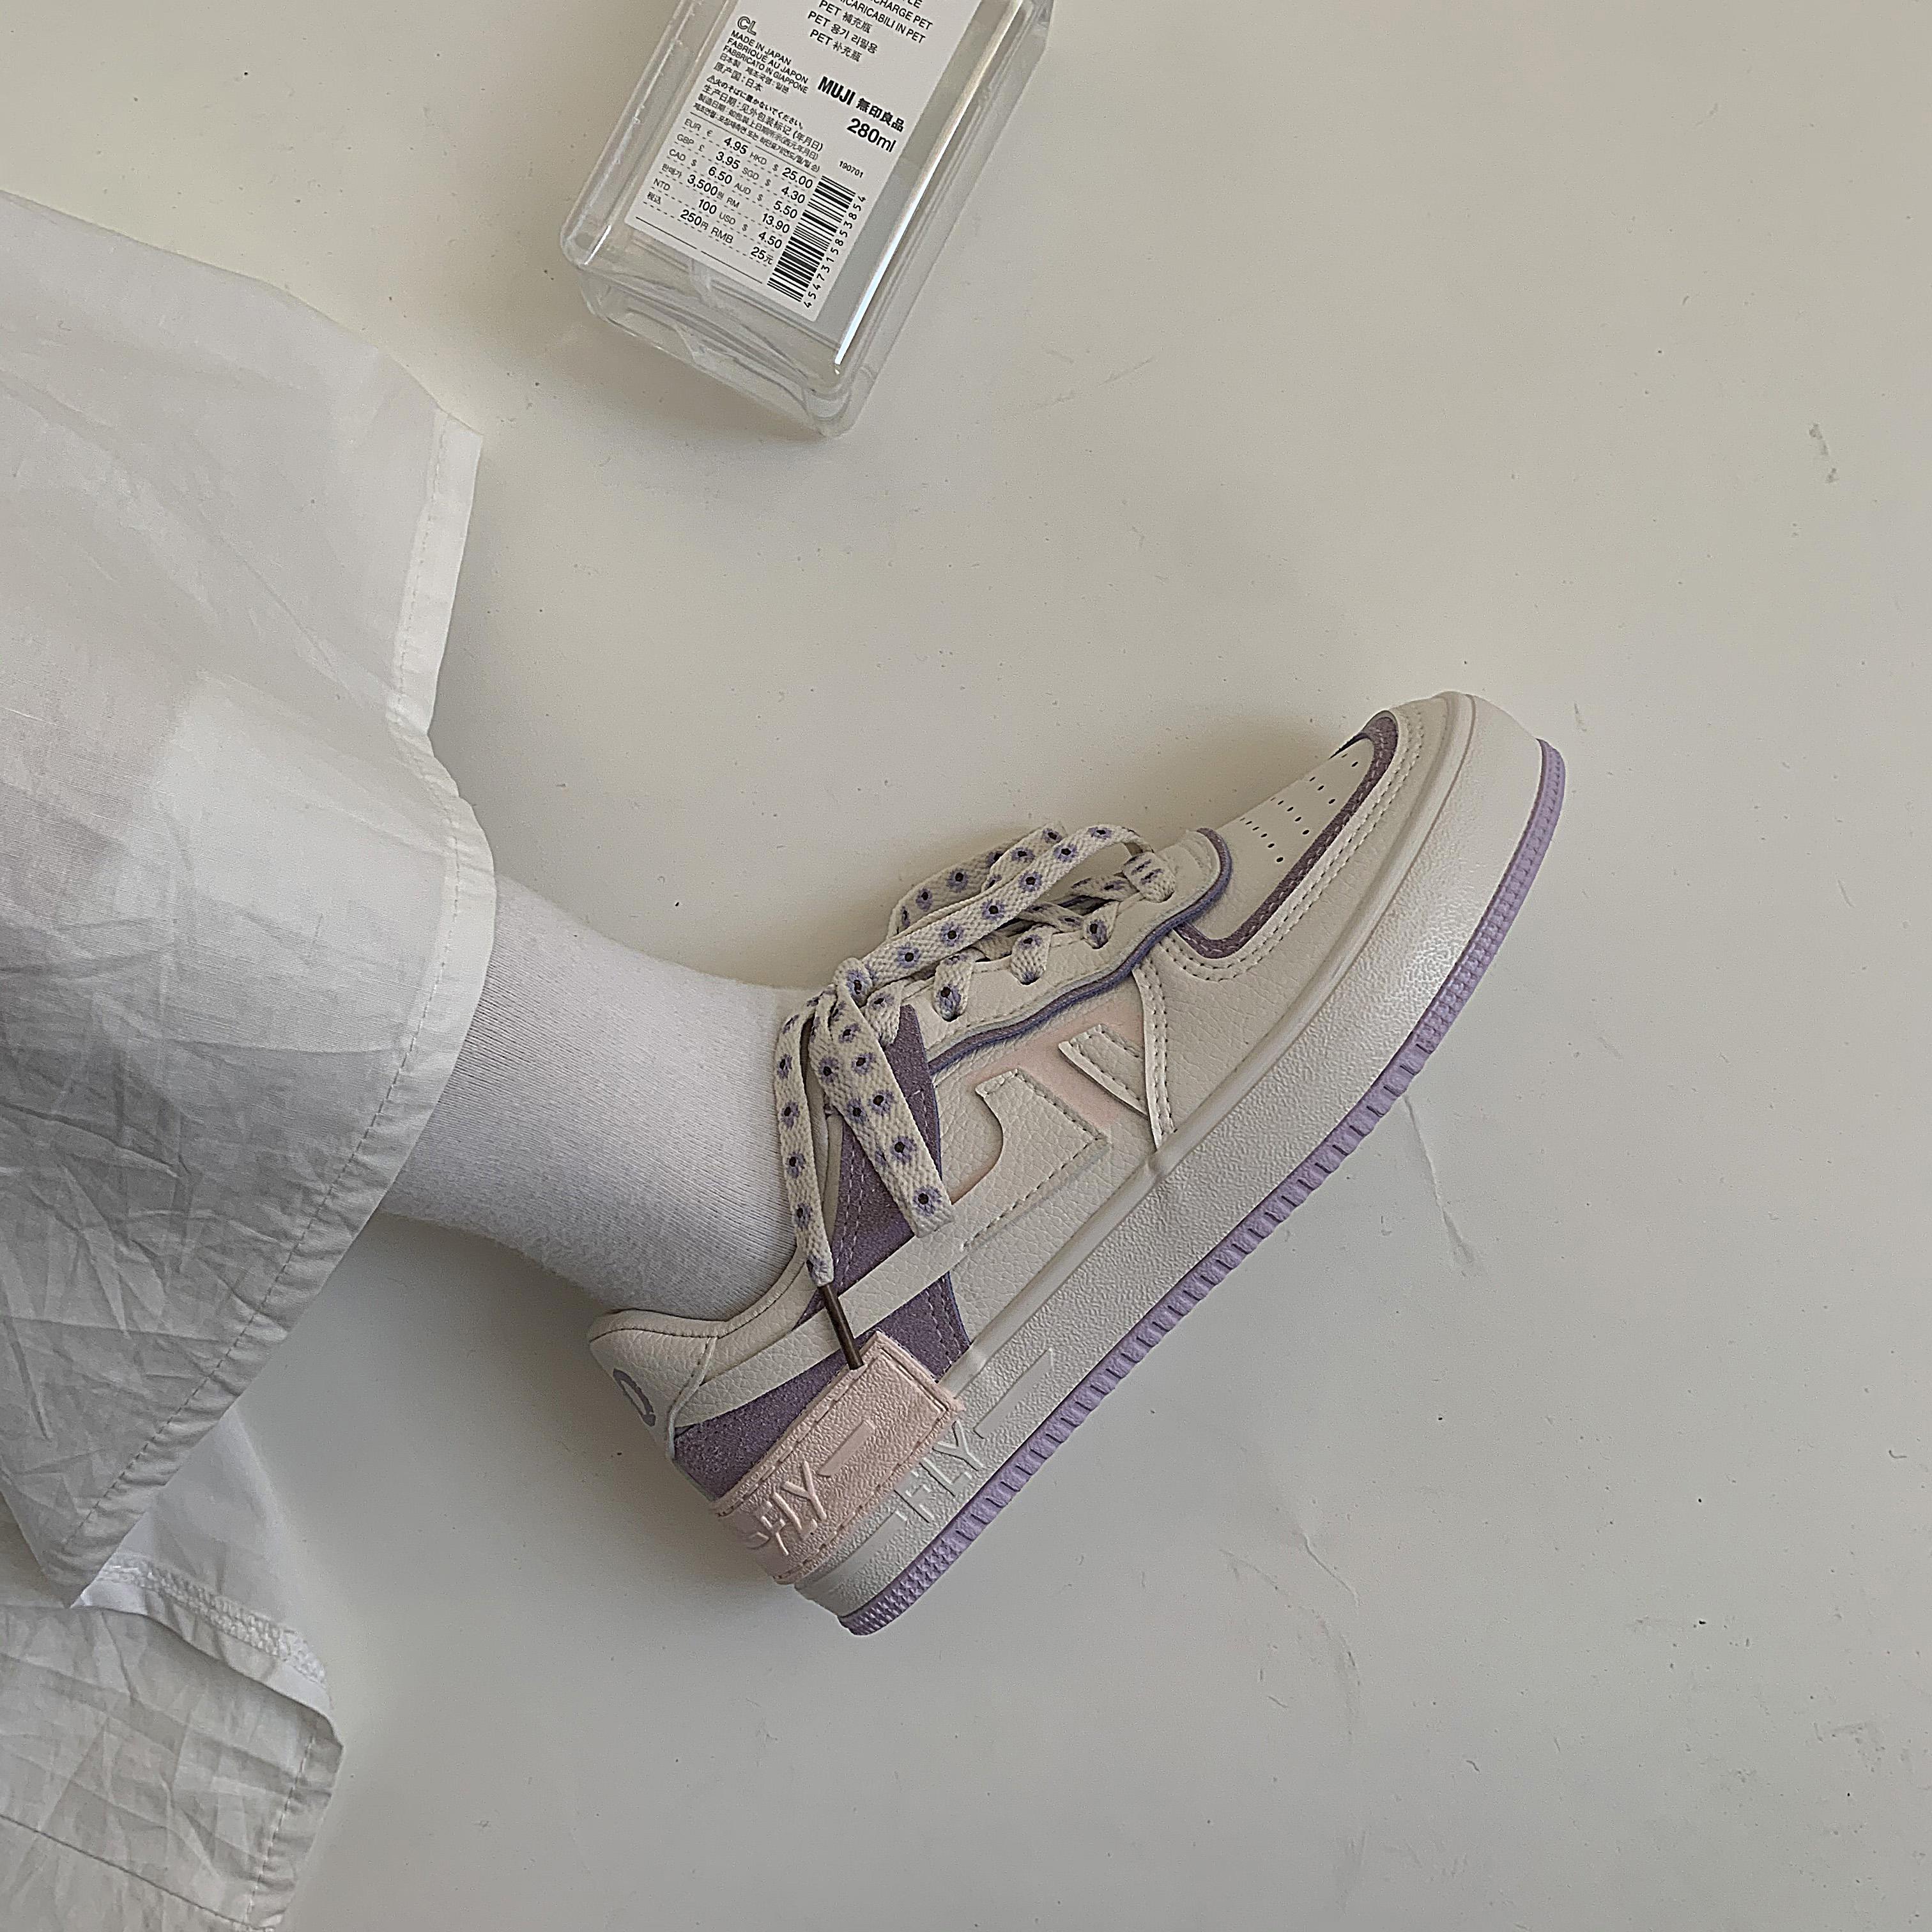 紫色运动鞋 黄洛林 鞋子女2021年夏季新款韩版怪味少女芋紫色皮面板鞋运动鞋_推荐淘宝好看的紫色运动鞋